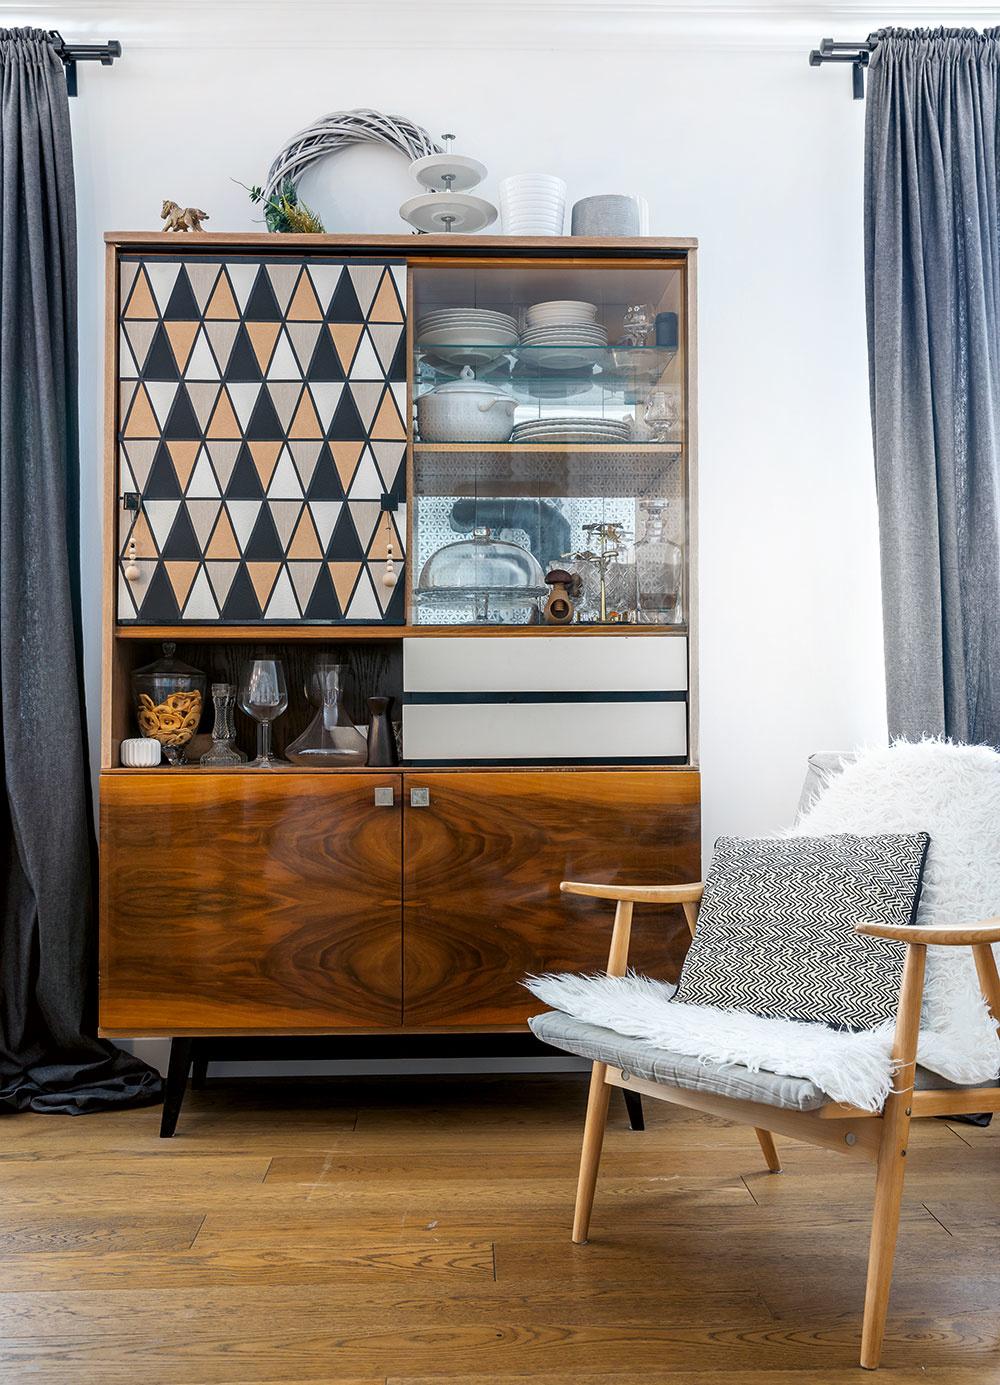 Vyrobené vlastnoručne. Starému nábytku dala Lívia navyše ešte aj osobnú pečať, čím získal na originalite. Horné posuvné dvierka dotvorila kombináciou troch rôznych tapiet pospájaných do geometrického vzoru.